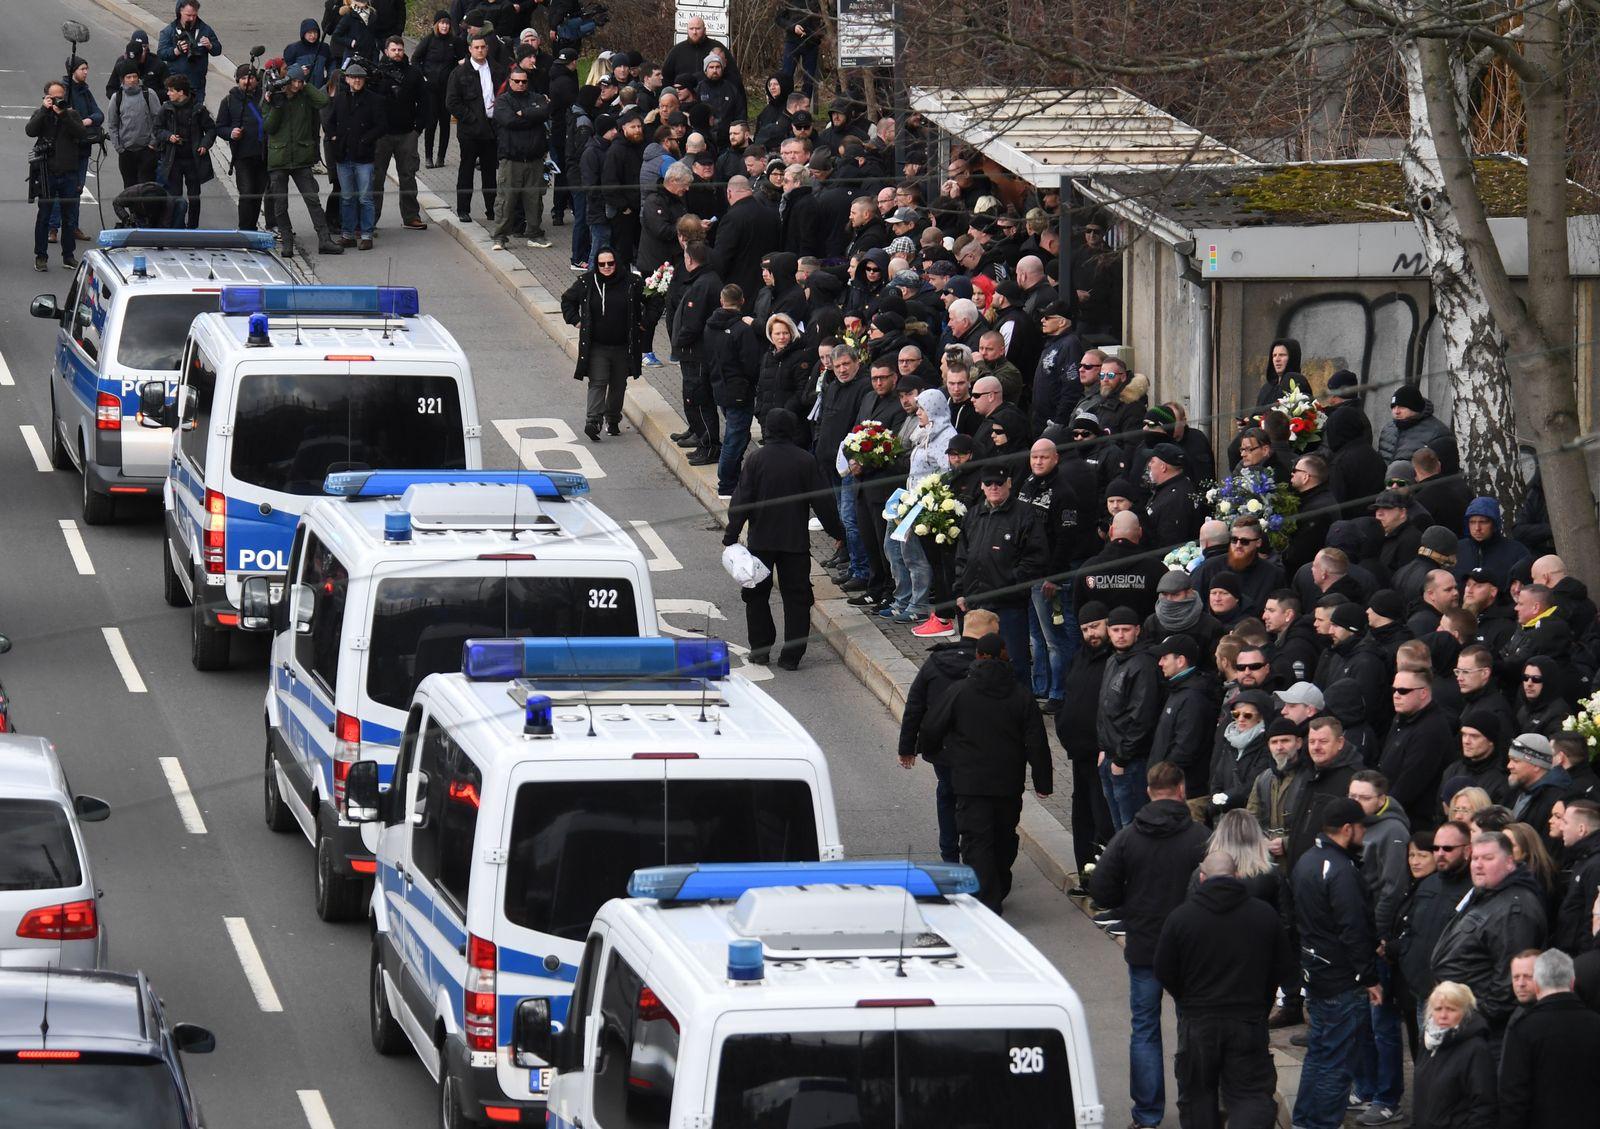 Beerdigung von Fan aus rechter Szene des Chemnitzer FC